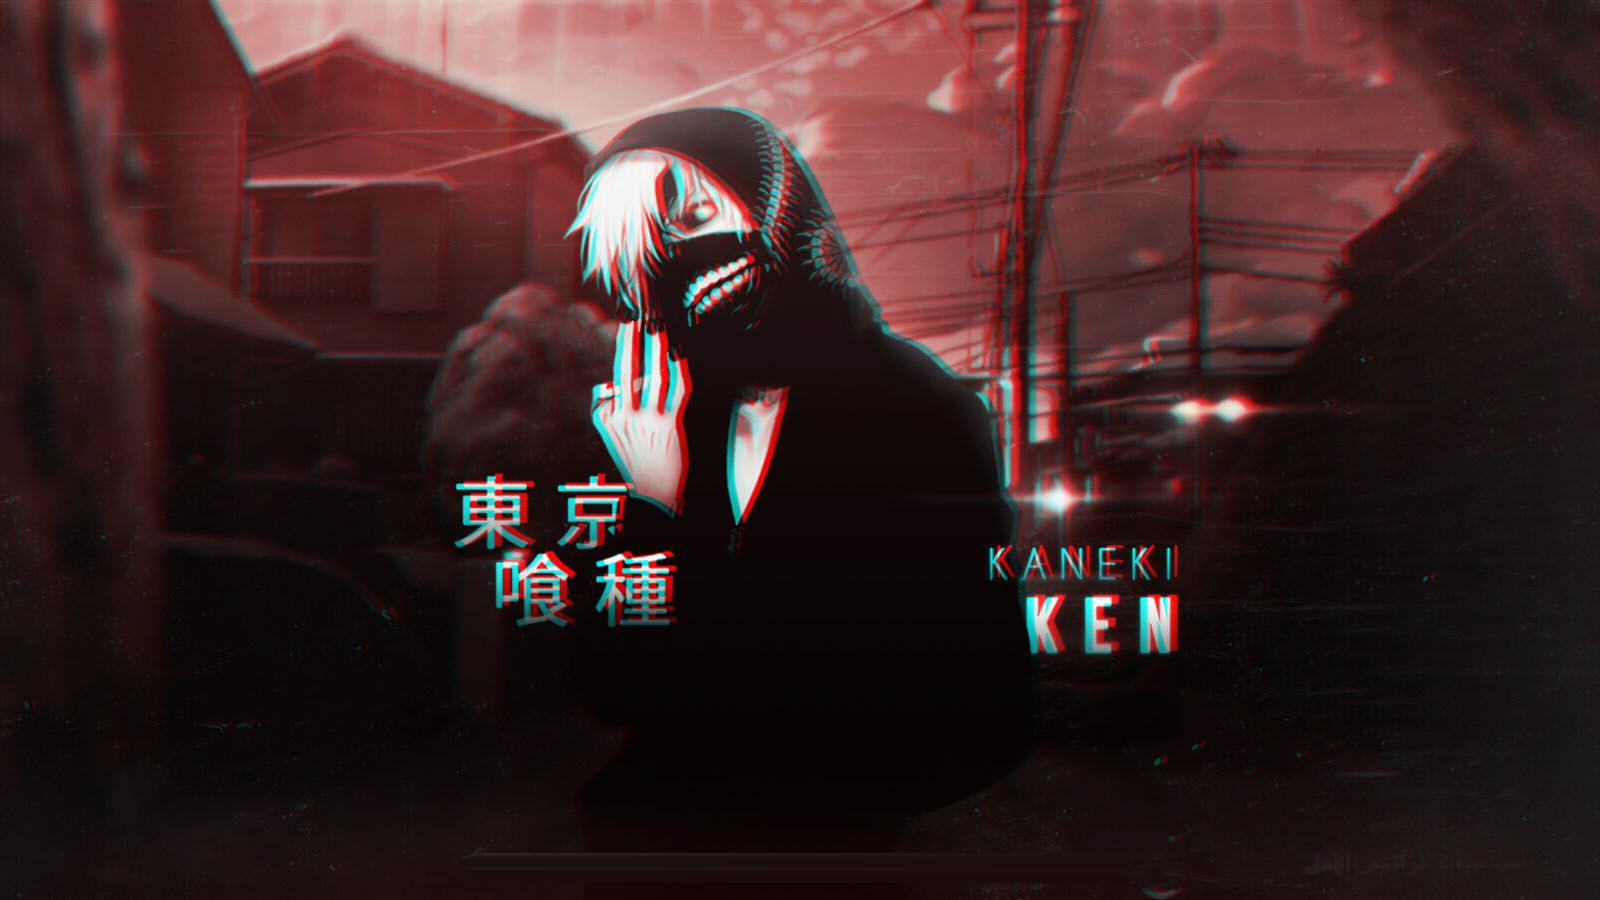 Ảnh Kaneki Ken đẹp và huyền bí